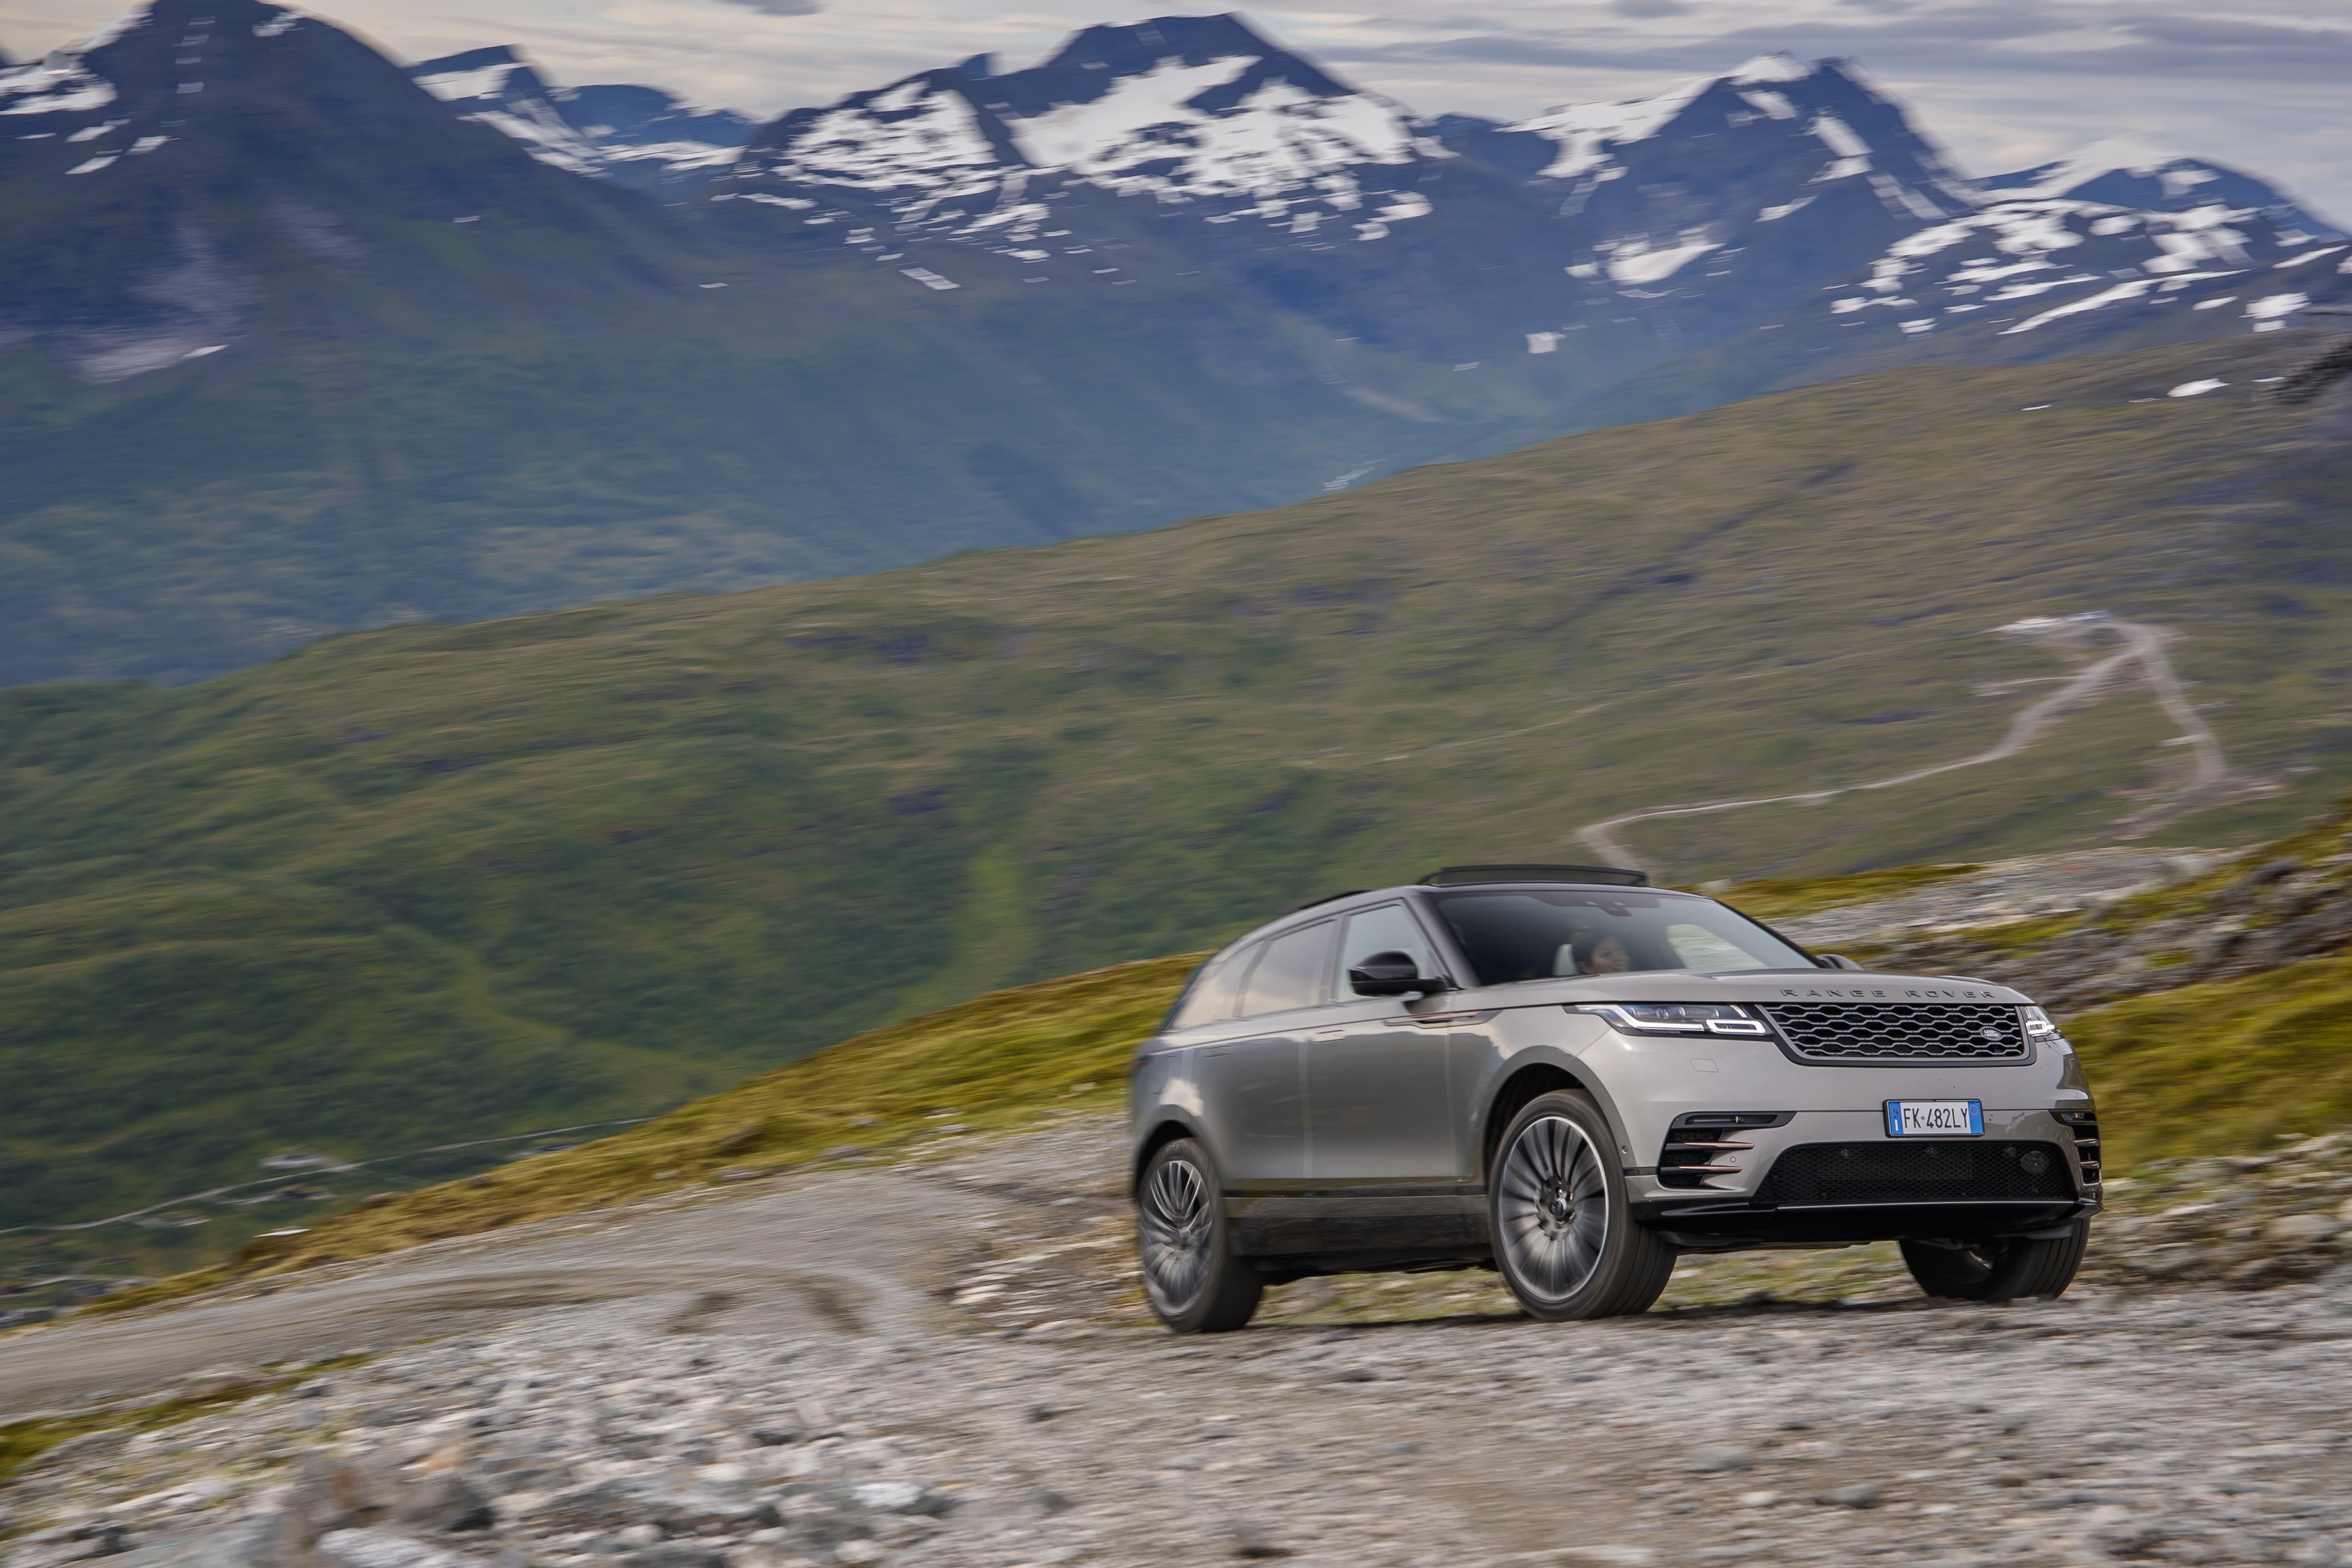 Range Rover Velar Noorwegen